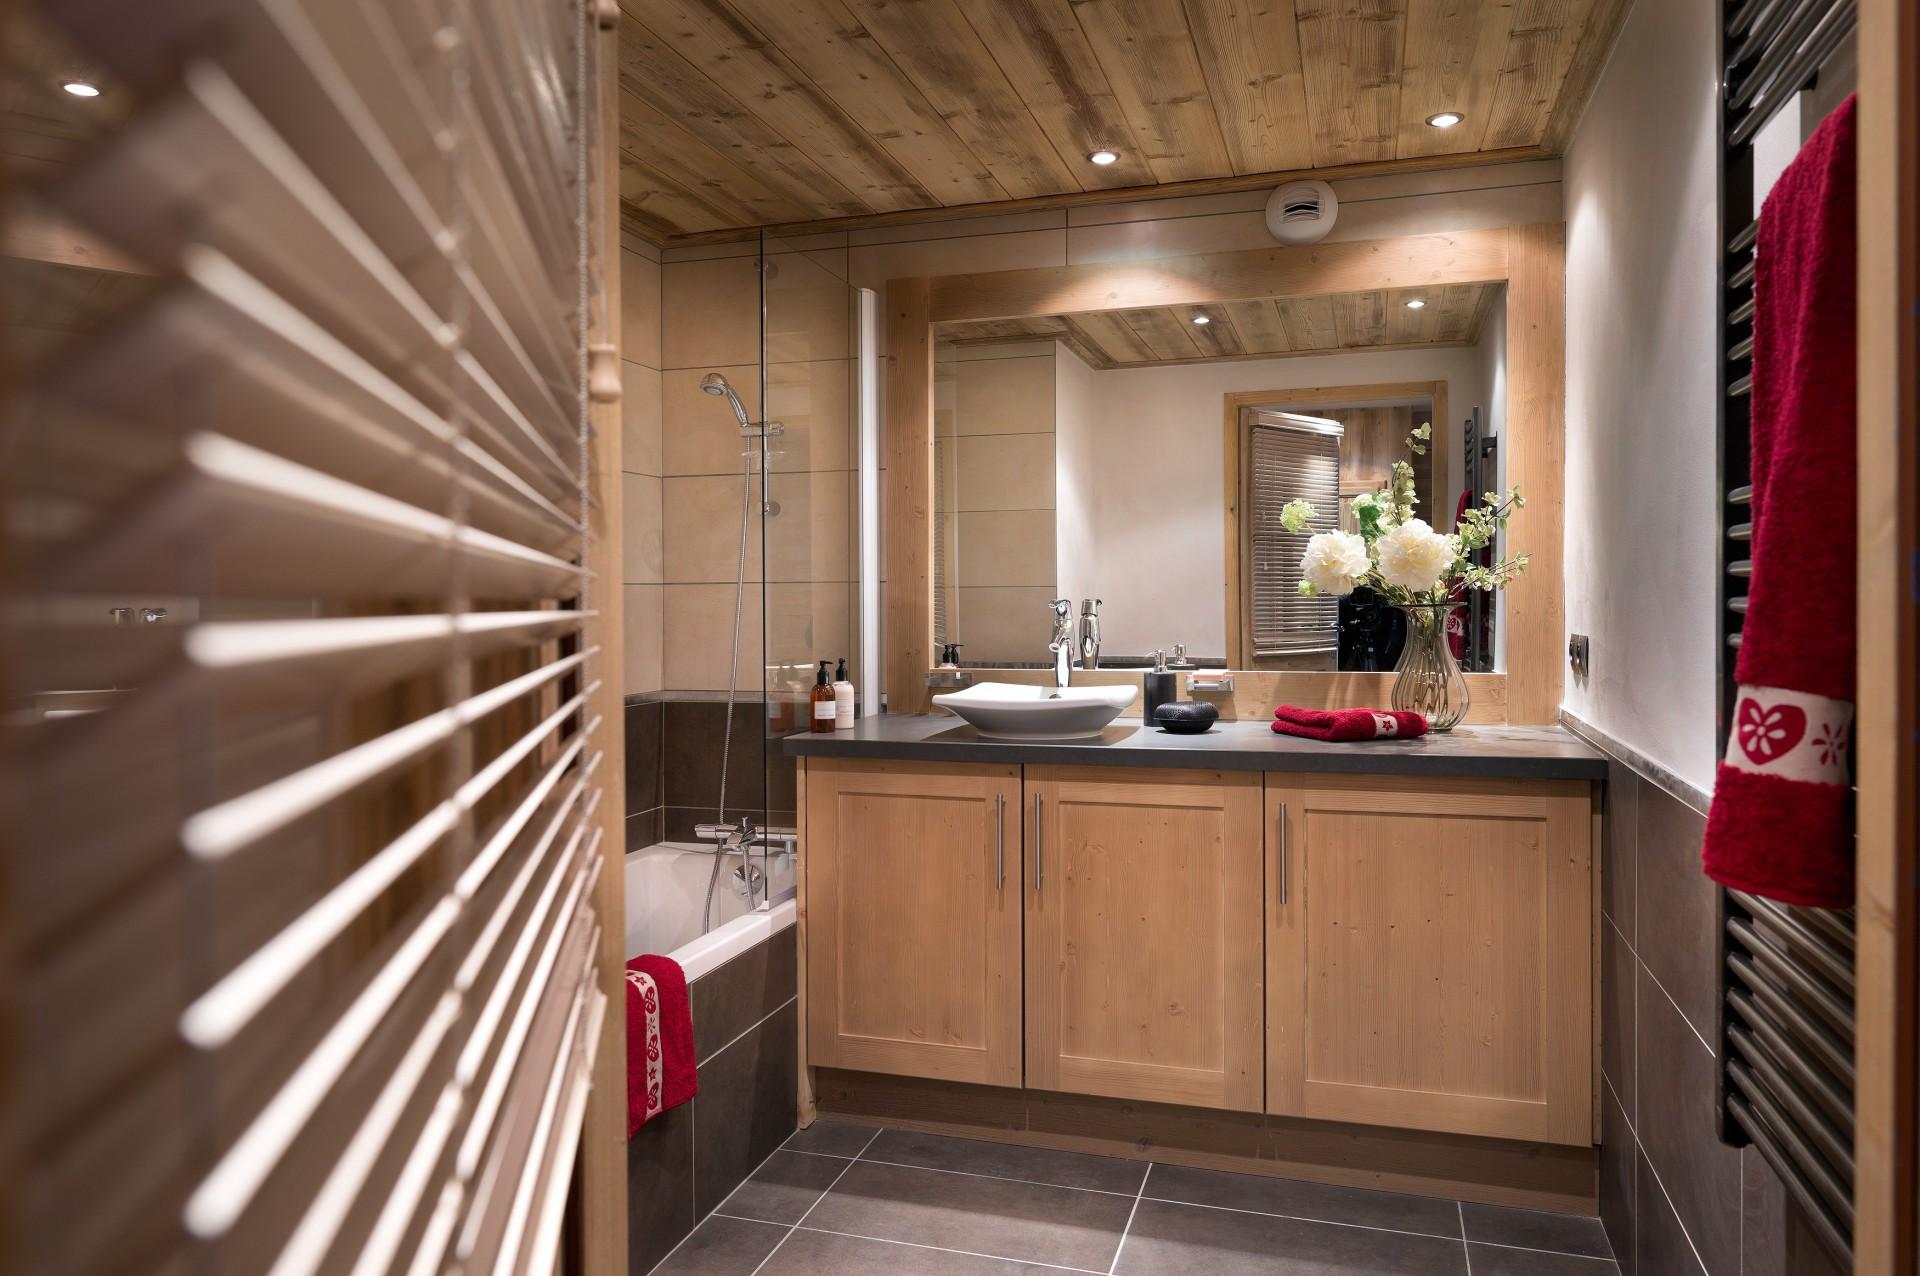 les-carroz-d-araches-location-appartement-luxe-lilite